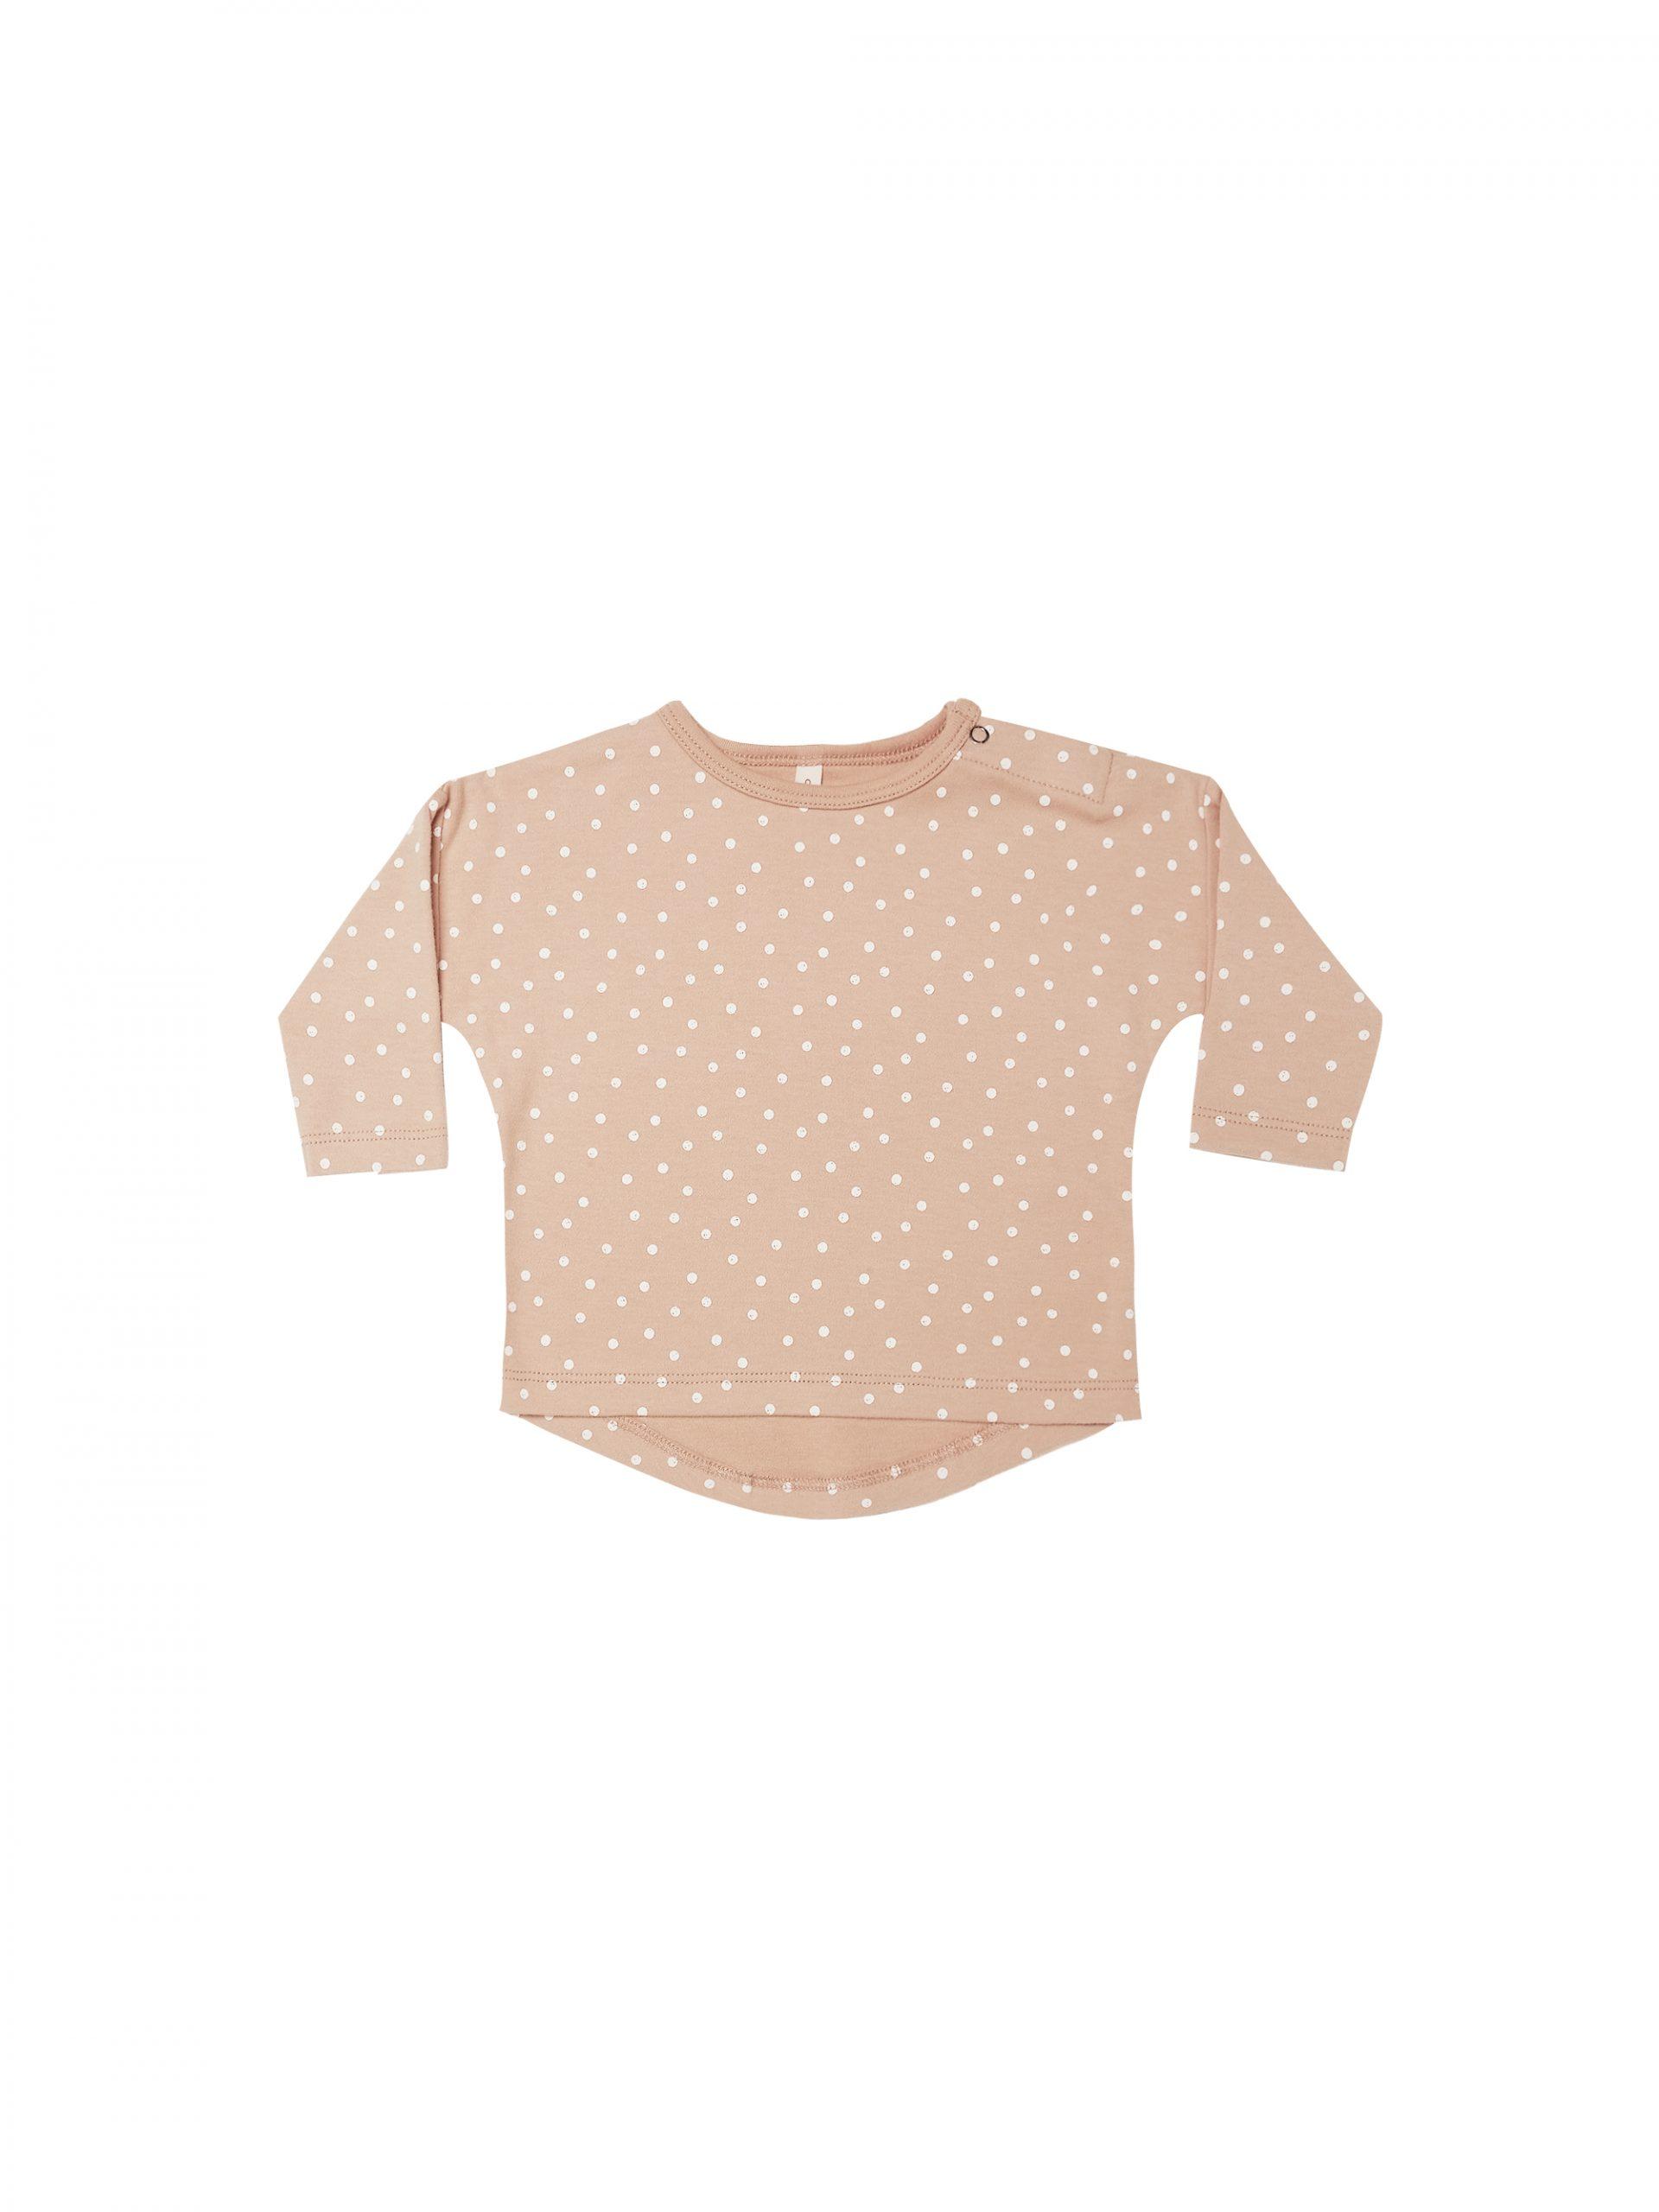 Quincy Mae Baby Long Sleeve Tee (petal)**PRE ORDER